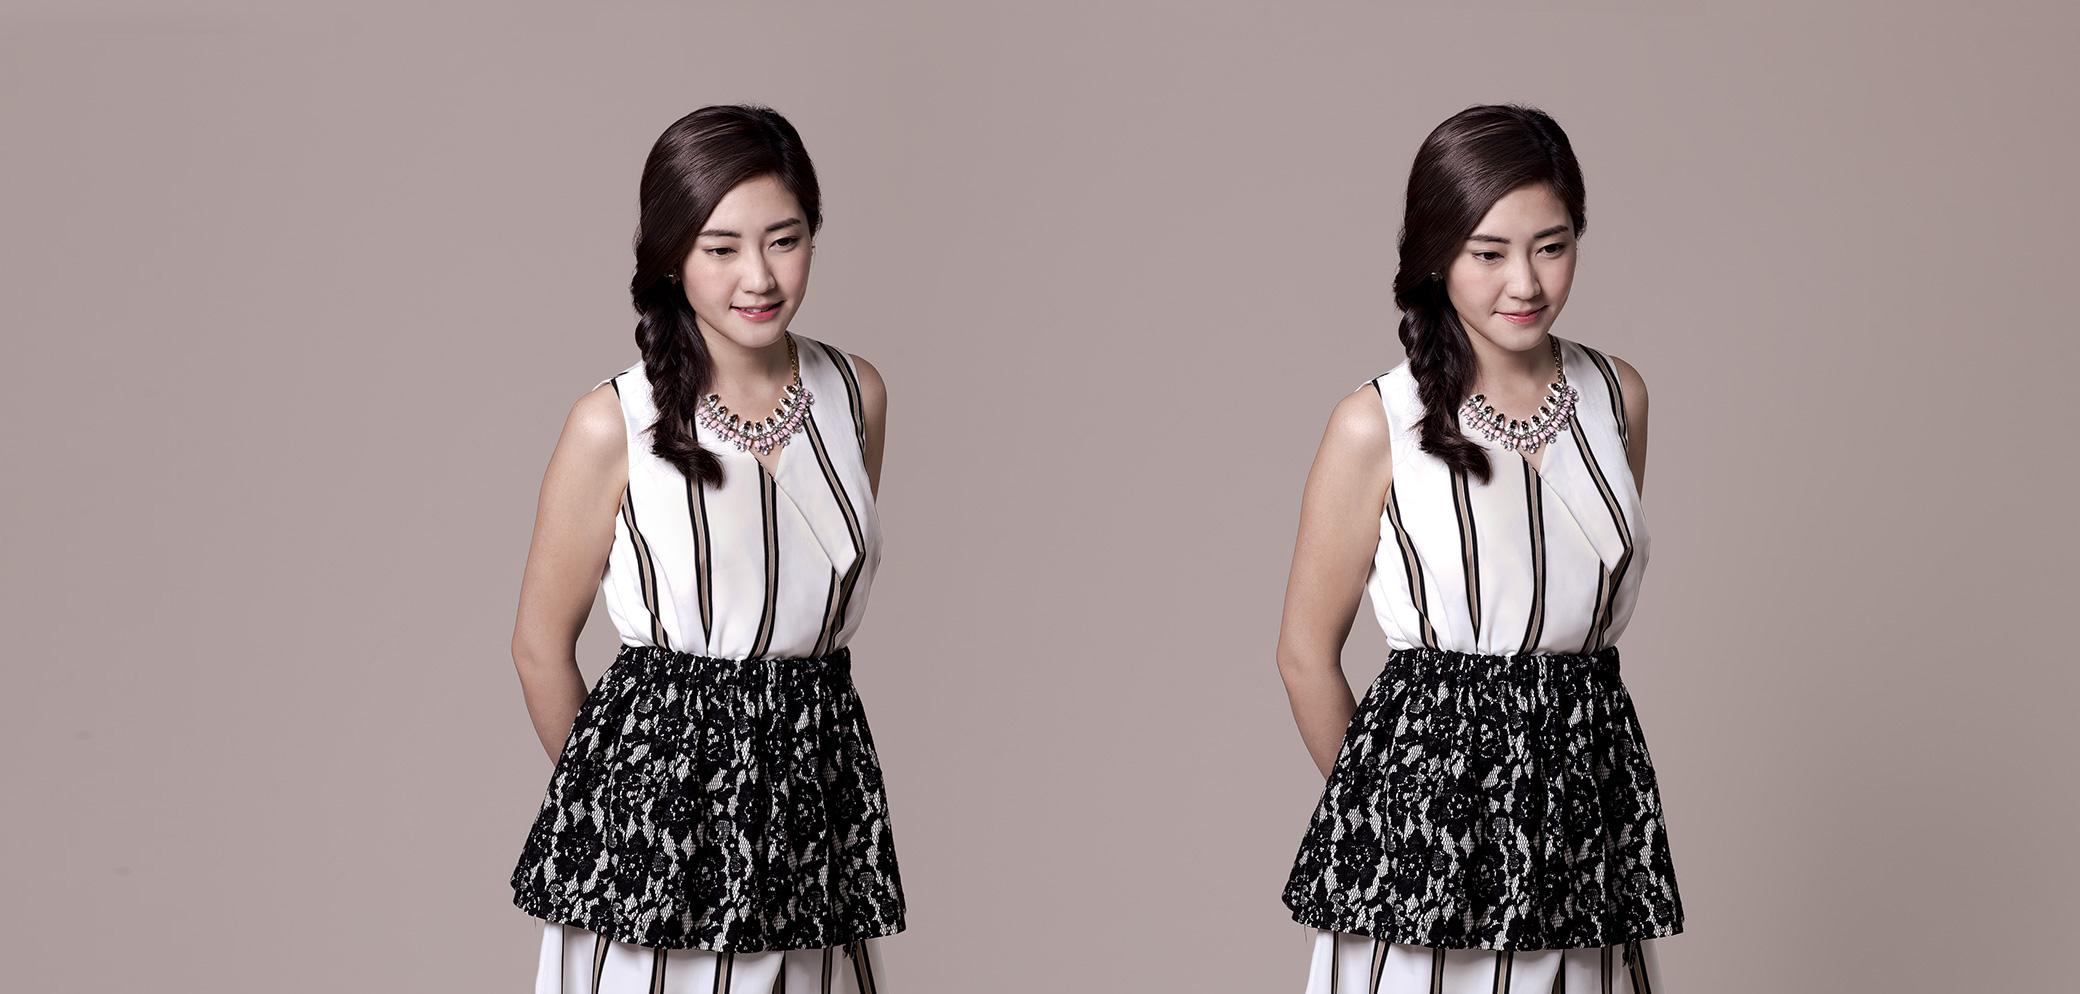 Snowy Choi